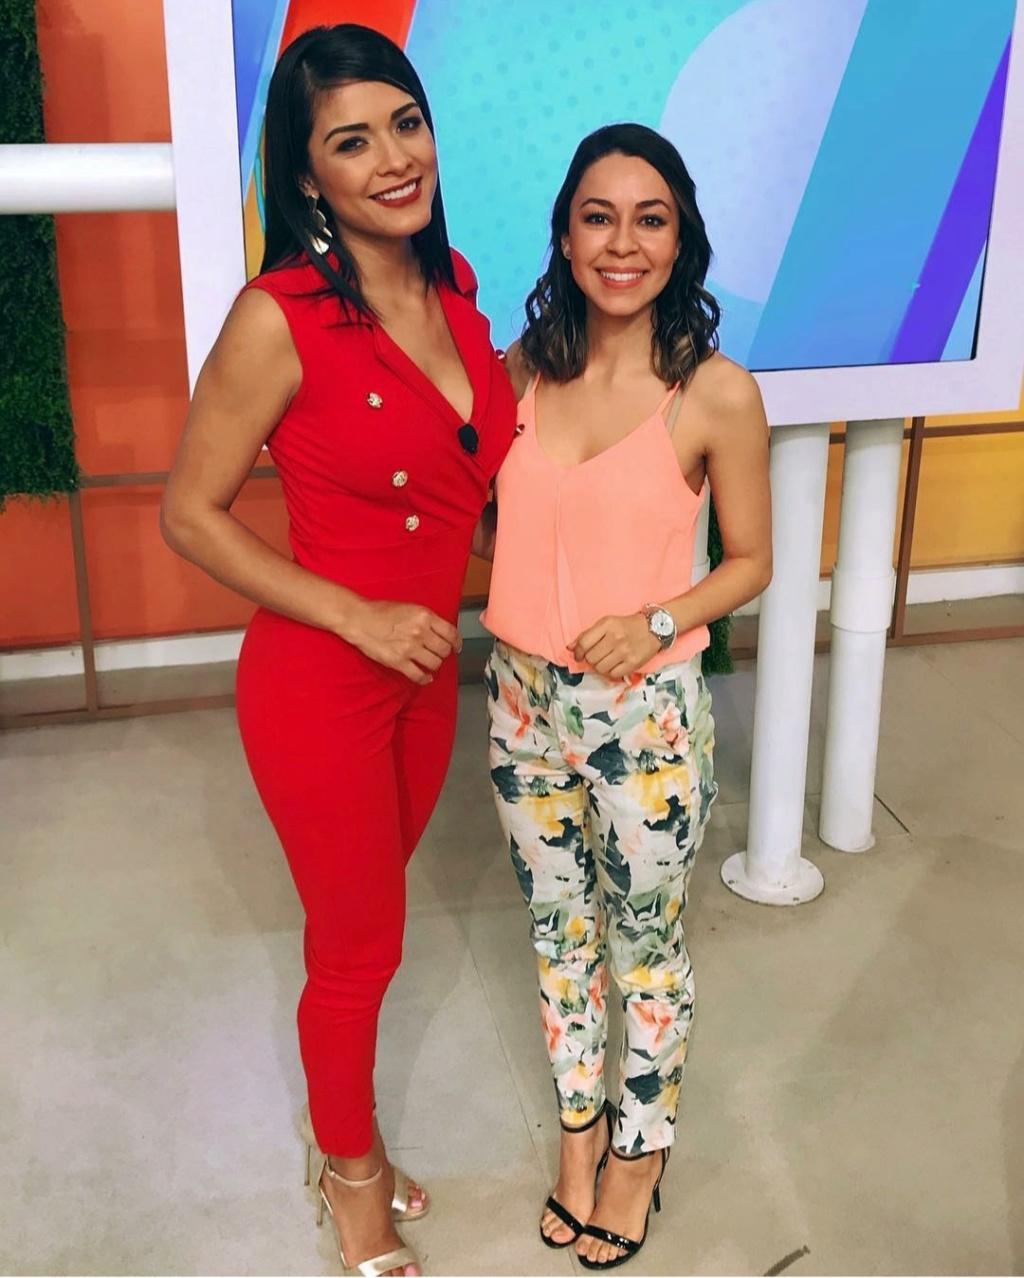 DEBATE sobre belleza, guapura y hermosura (fotos de chicas latinas, mestizas, y de todo) - VOL II - Página 3 Img_1401